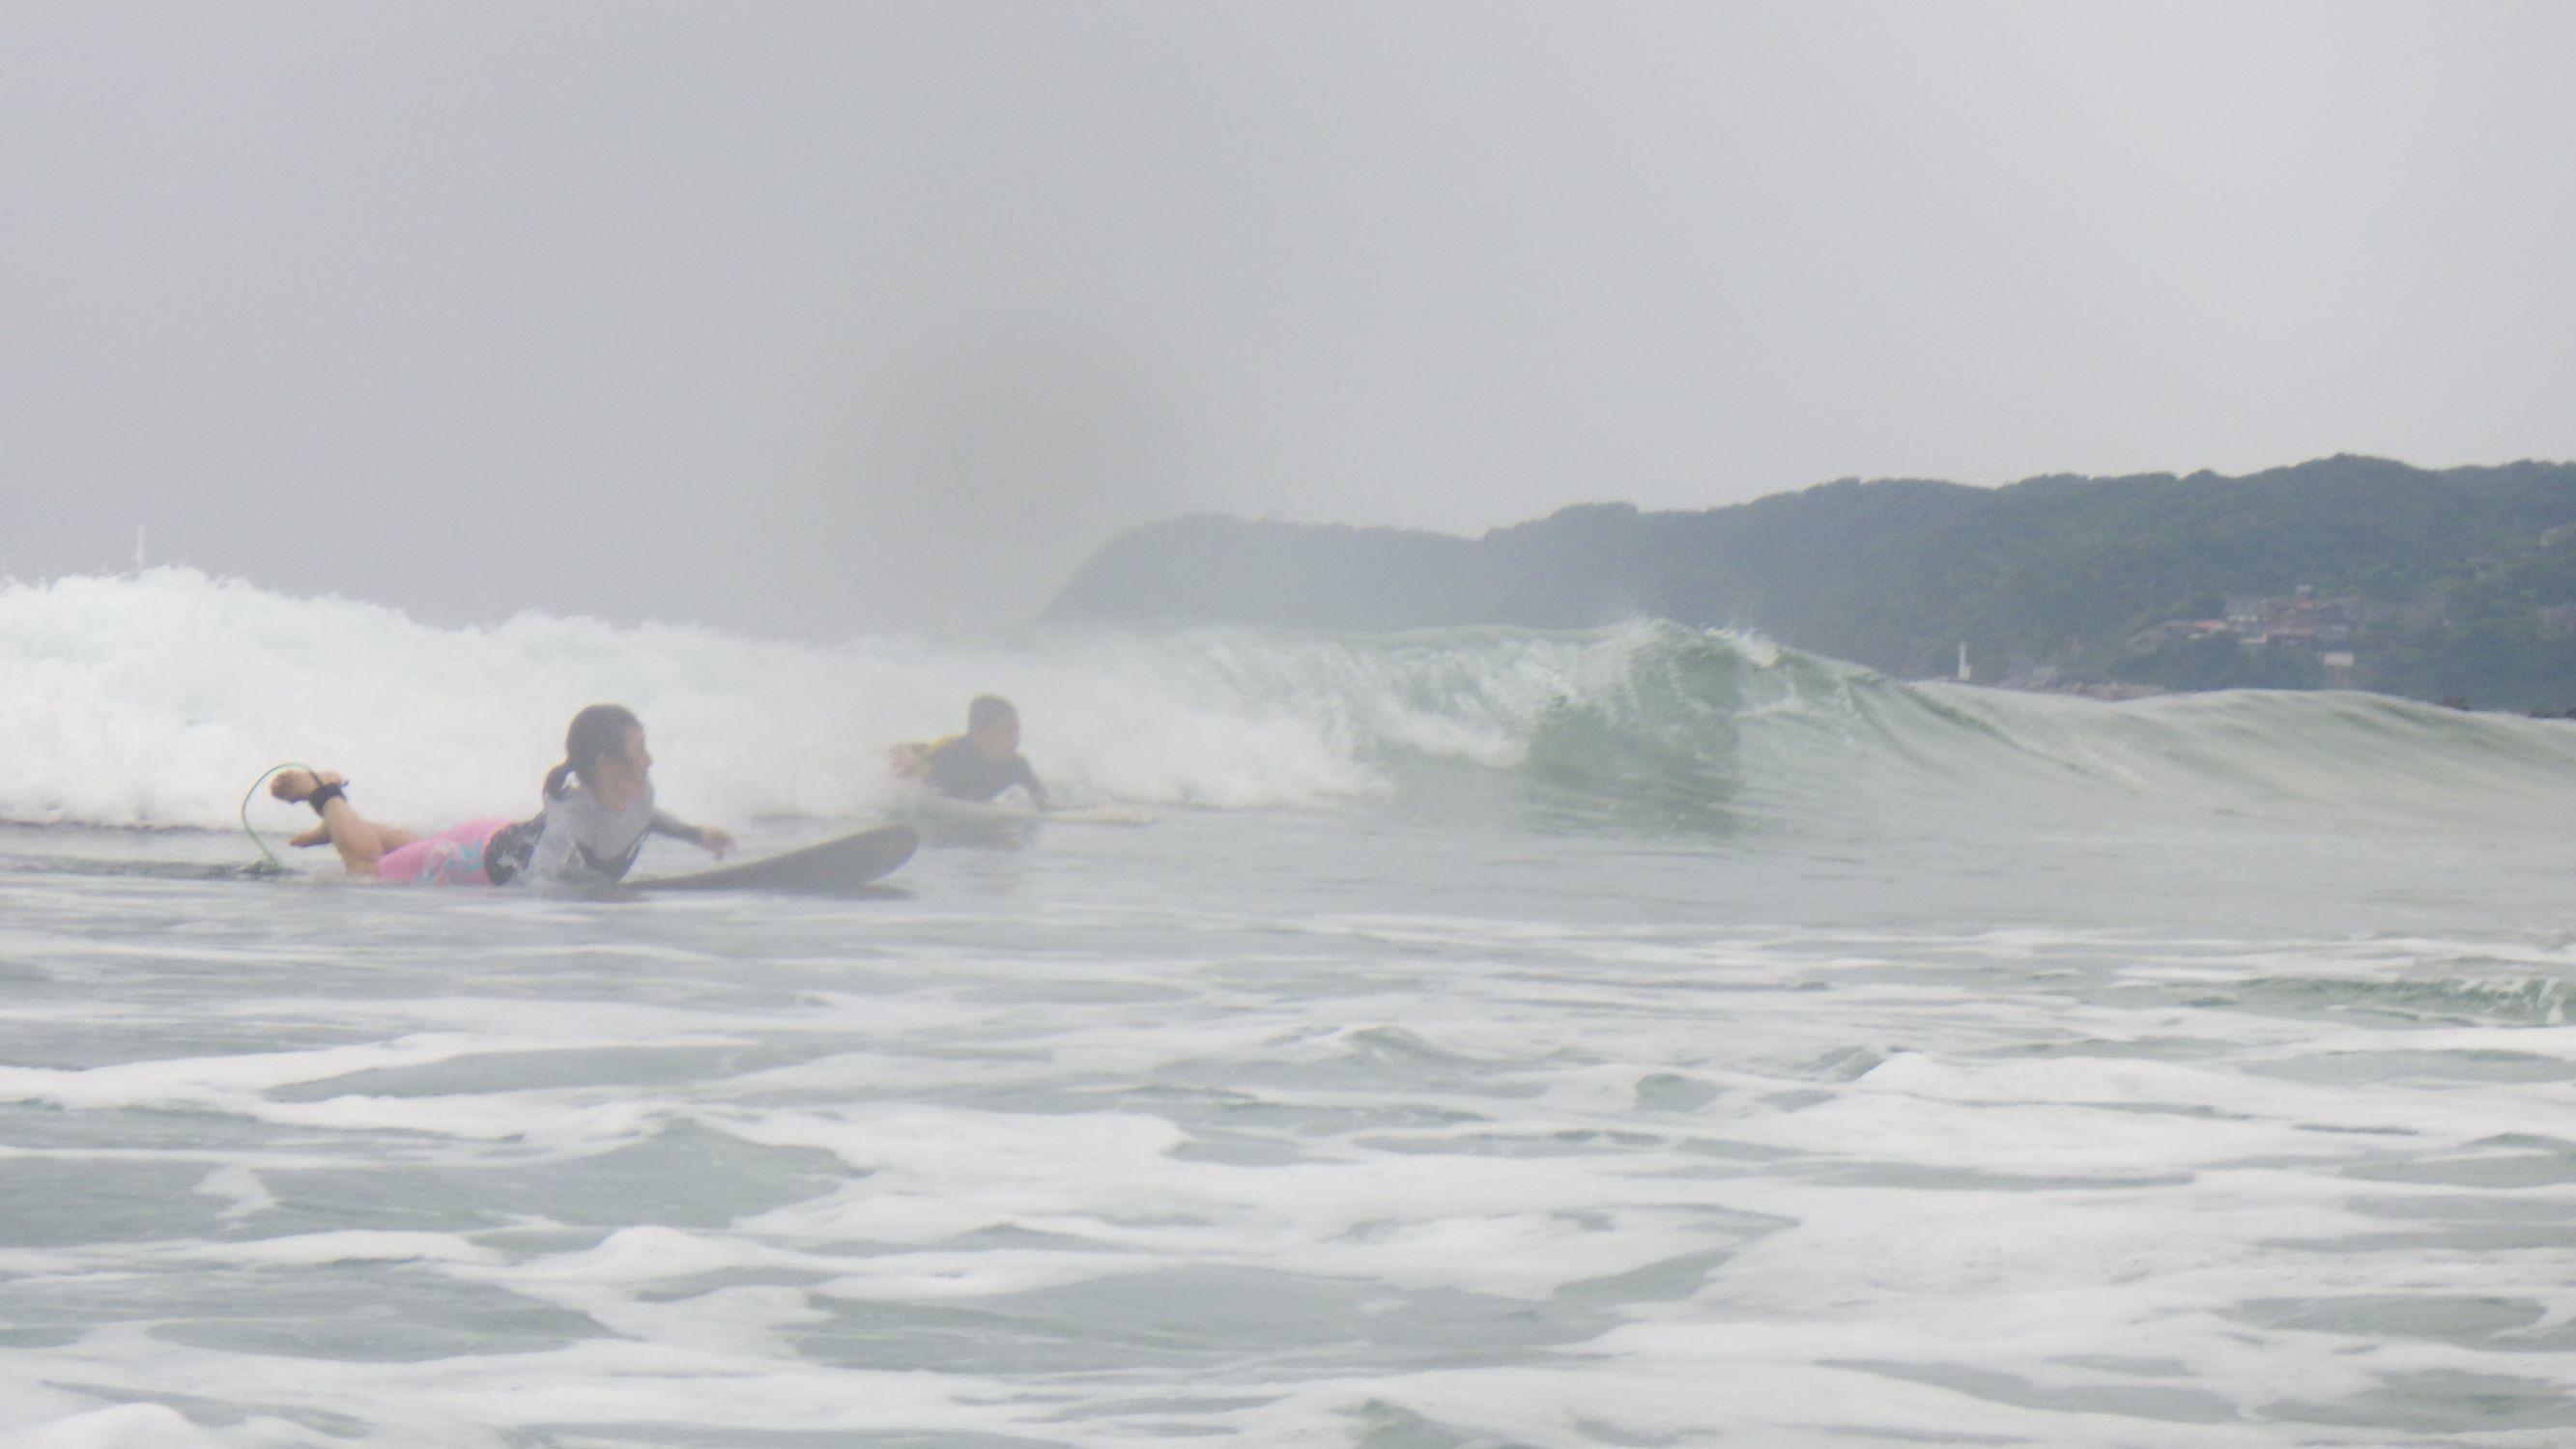 お母さんと一緒にサーフィンを楽しもう_f0009169_07383712.jpg